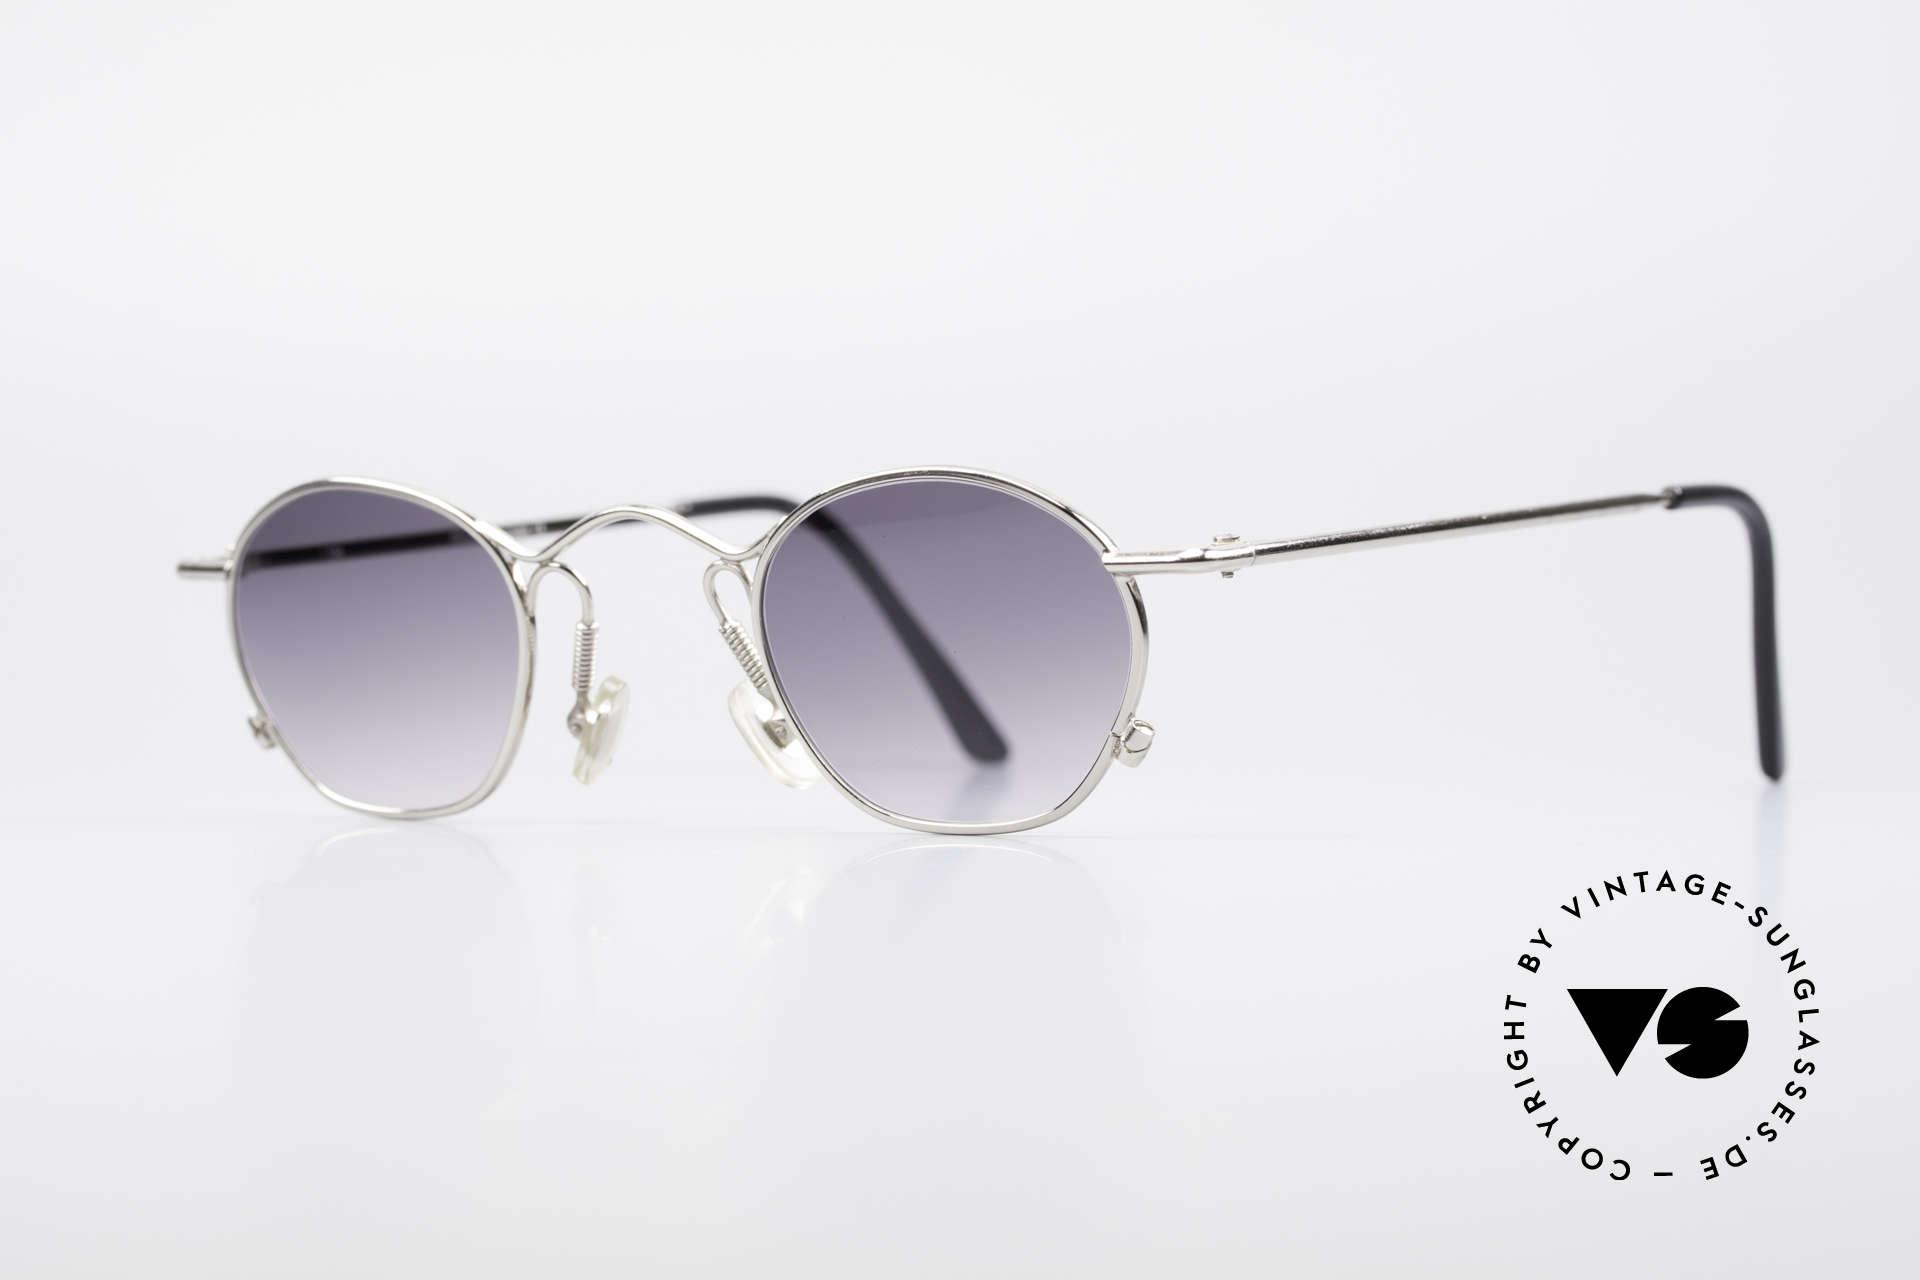 IDC 101 Echt Vintage No Retro Brille, zeitloses Unisex-Modell in SEHR KLEINER Größe, Passend für Herren und Damen